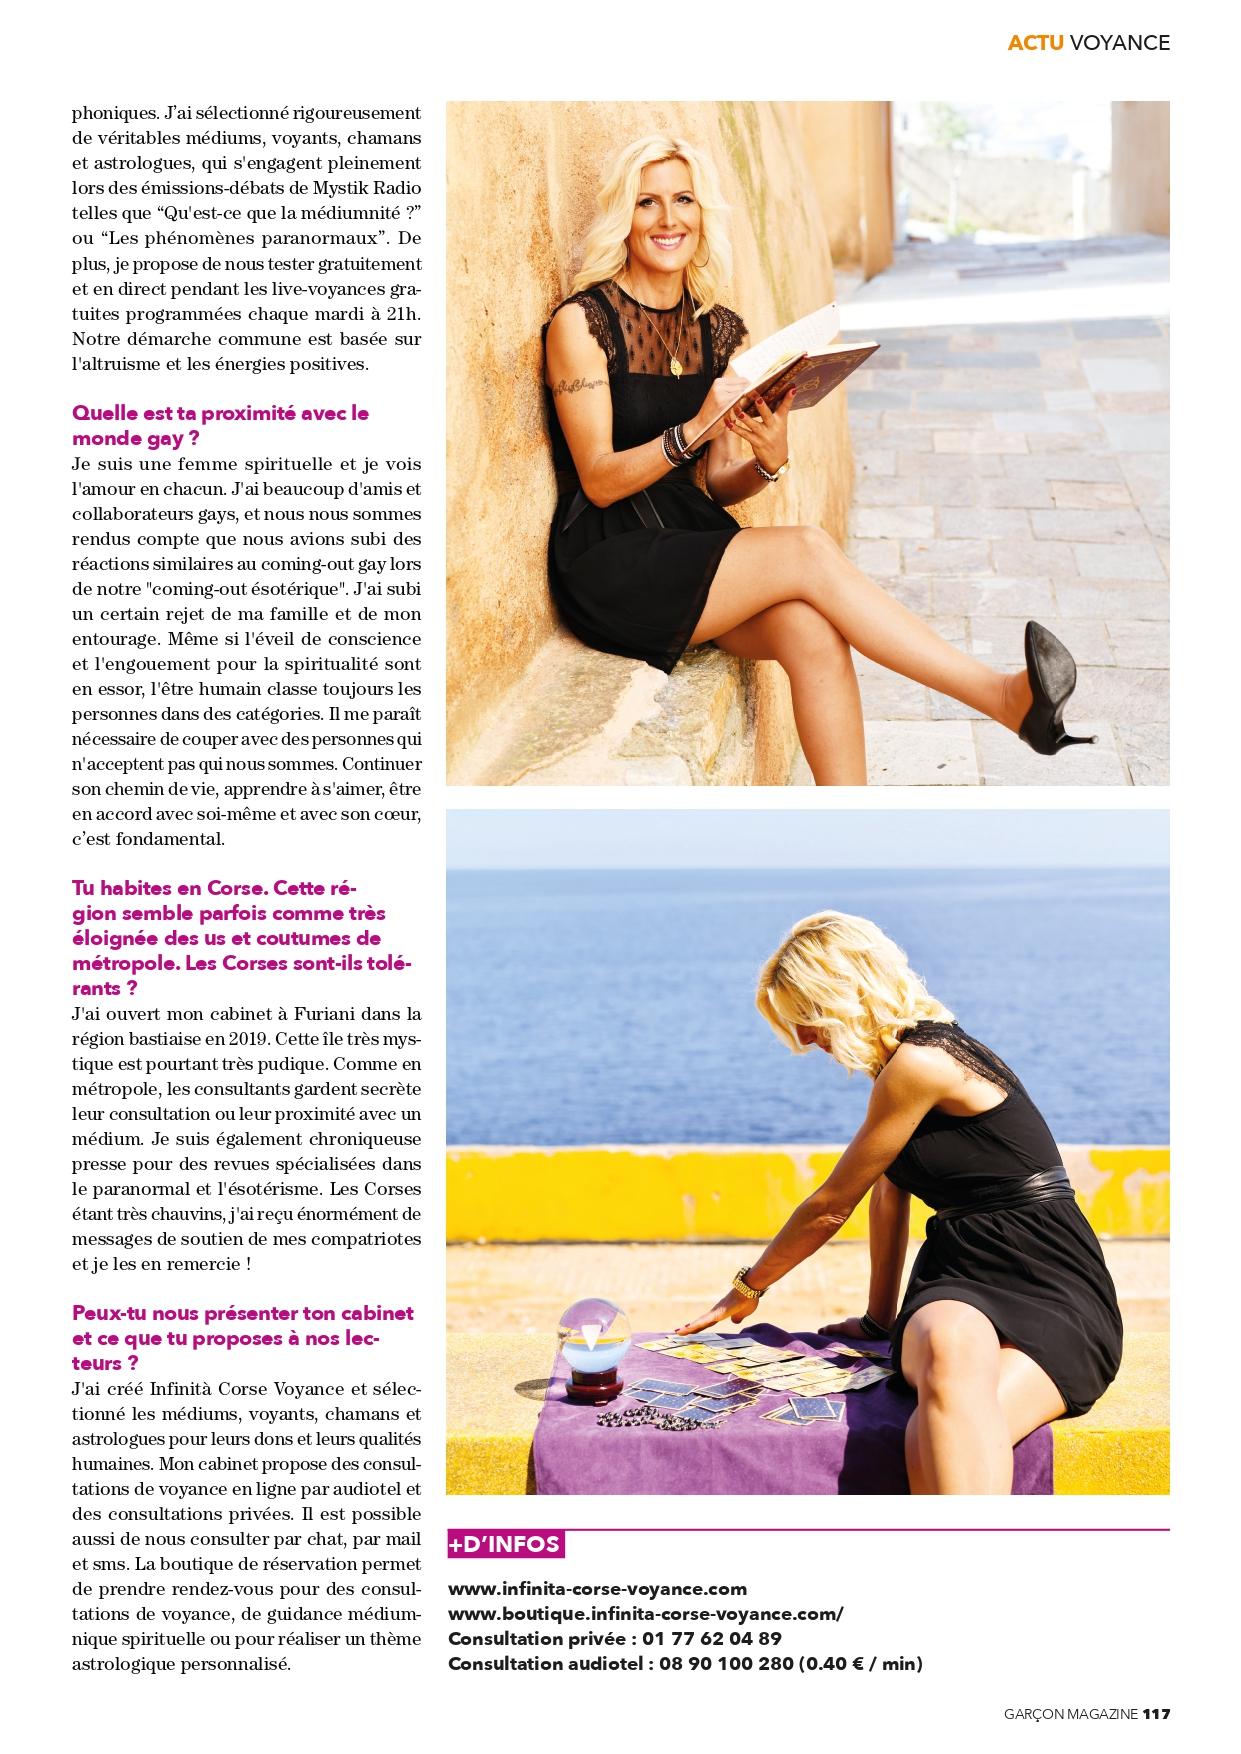 """Sophie Vitali médium et voyante corse en interview dans le magazine """"Garçon Magazine"""" mars 2021"""